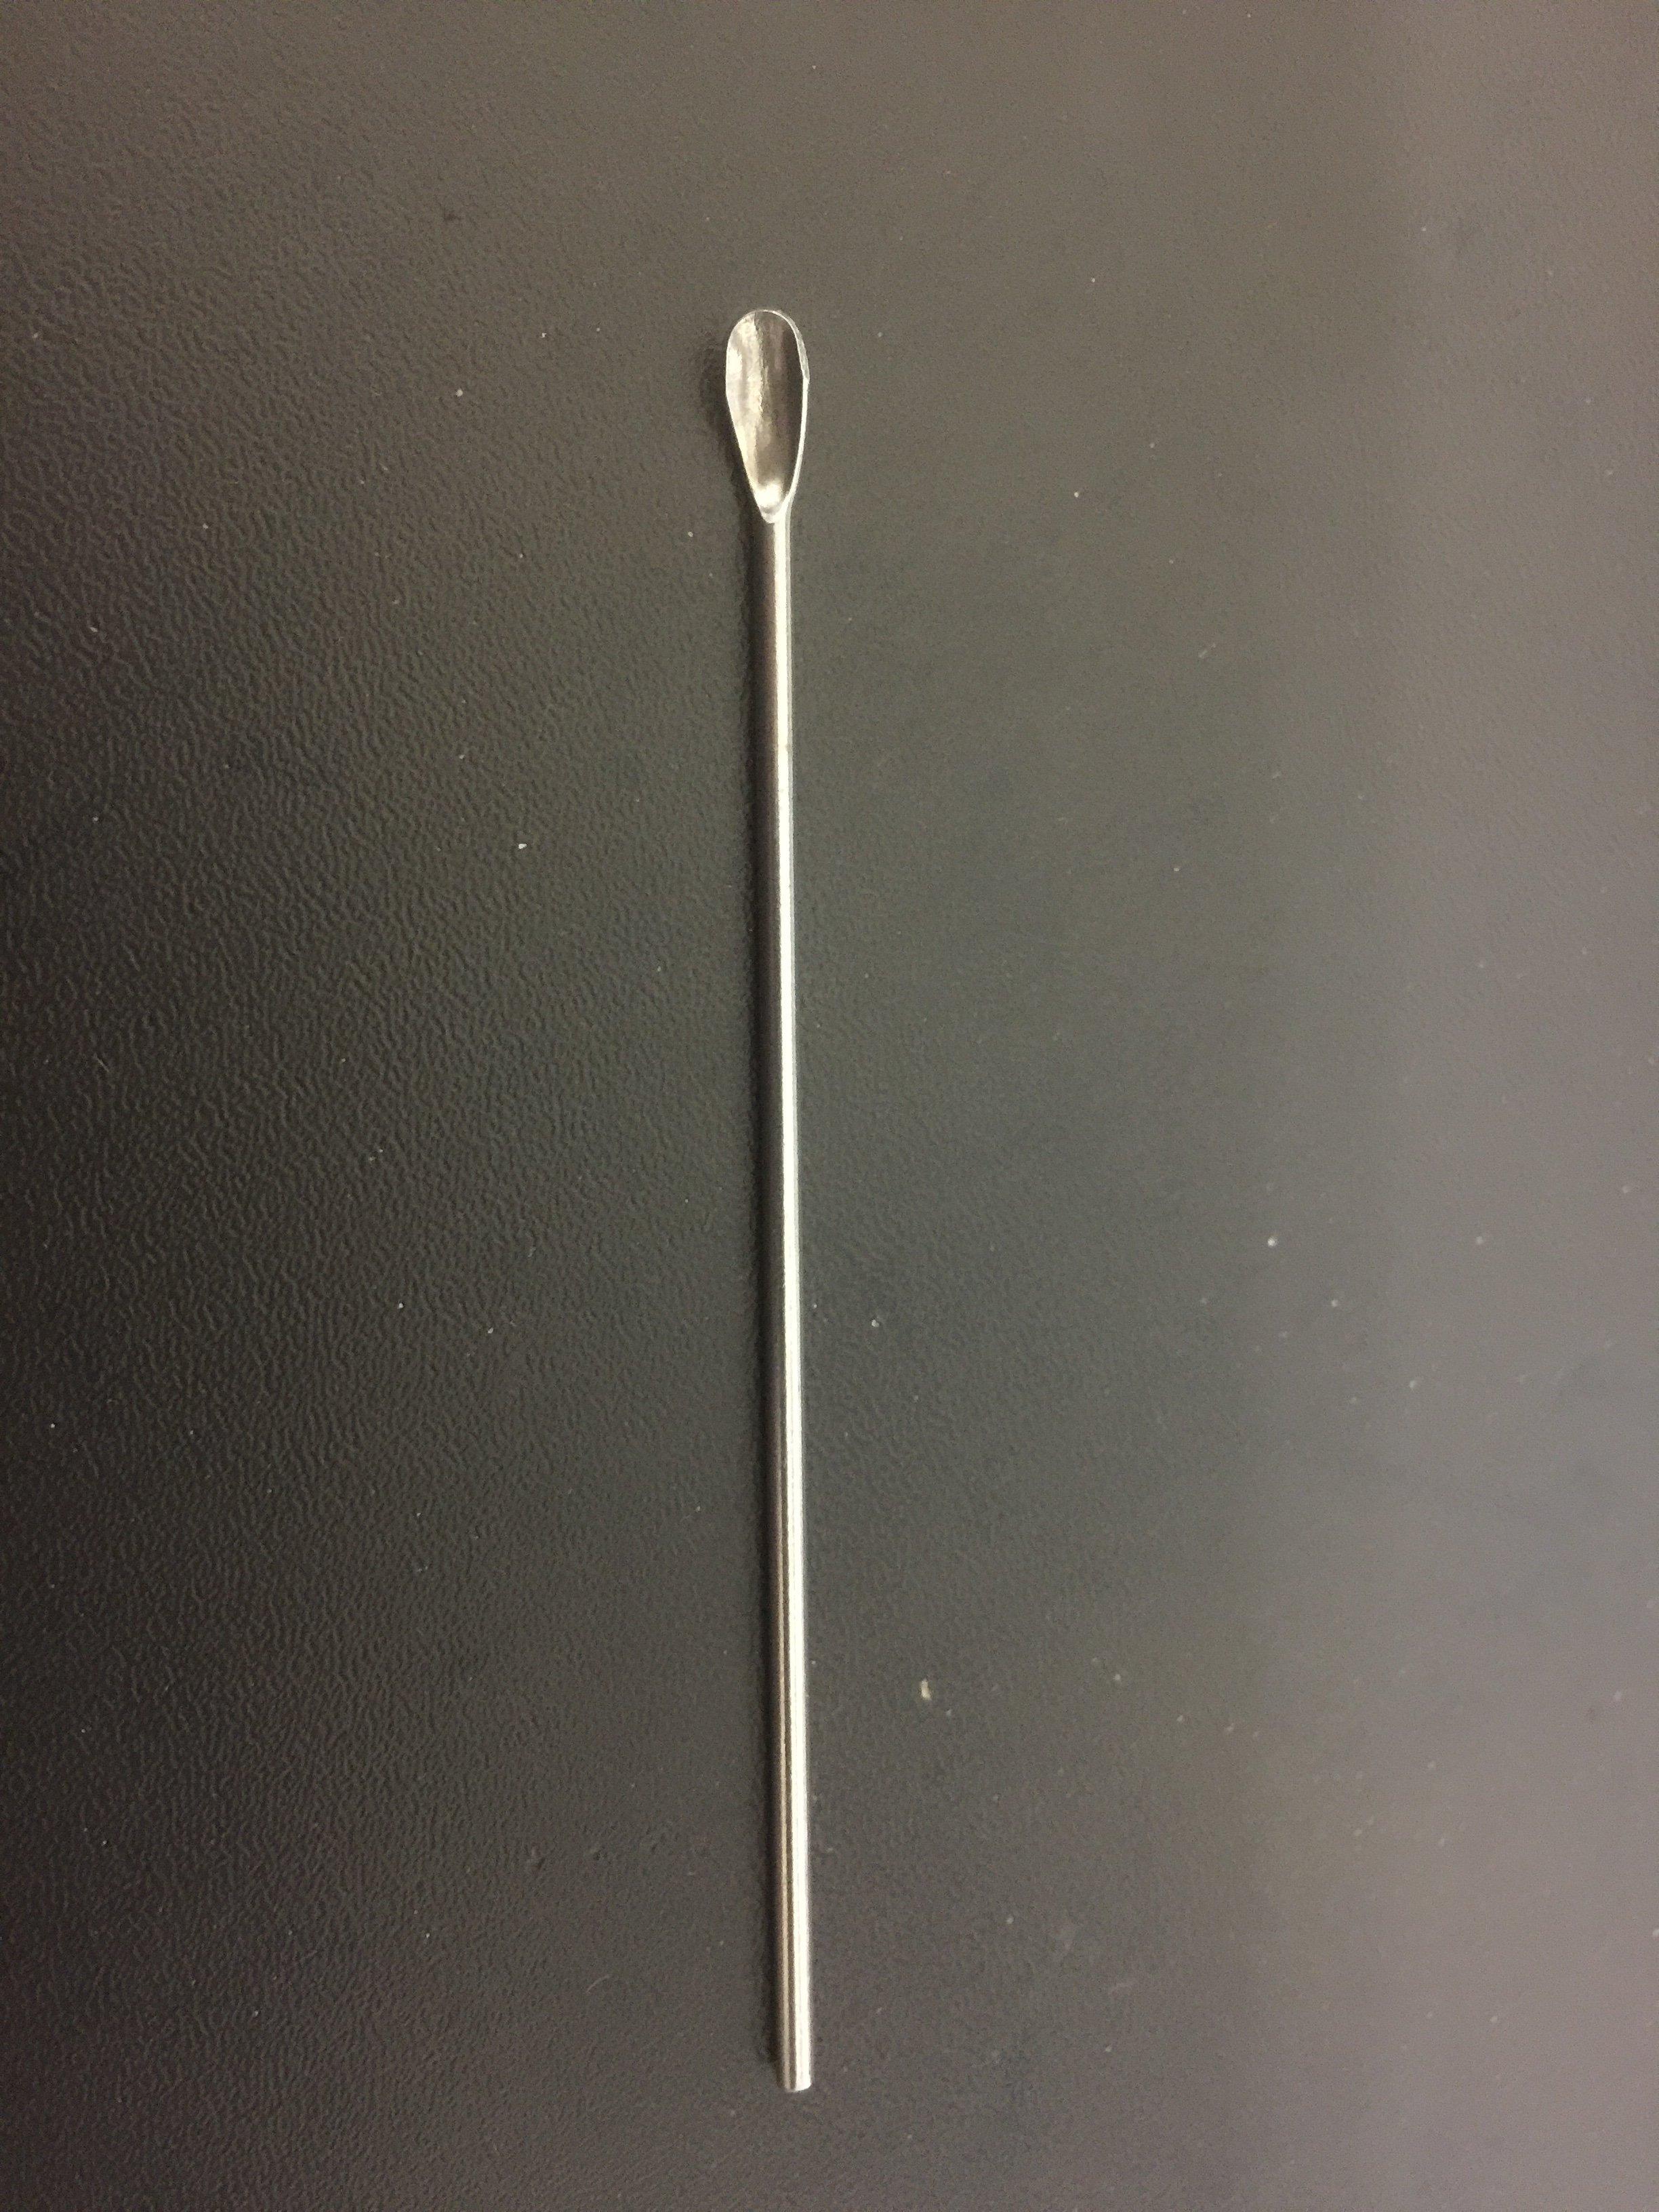 美麗無限 不銹鋼 大耳勺 耳挖 美容化妝用具 小藥粉勺 87mm